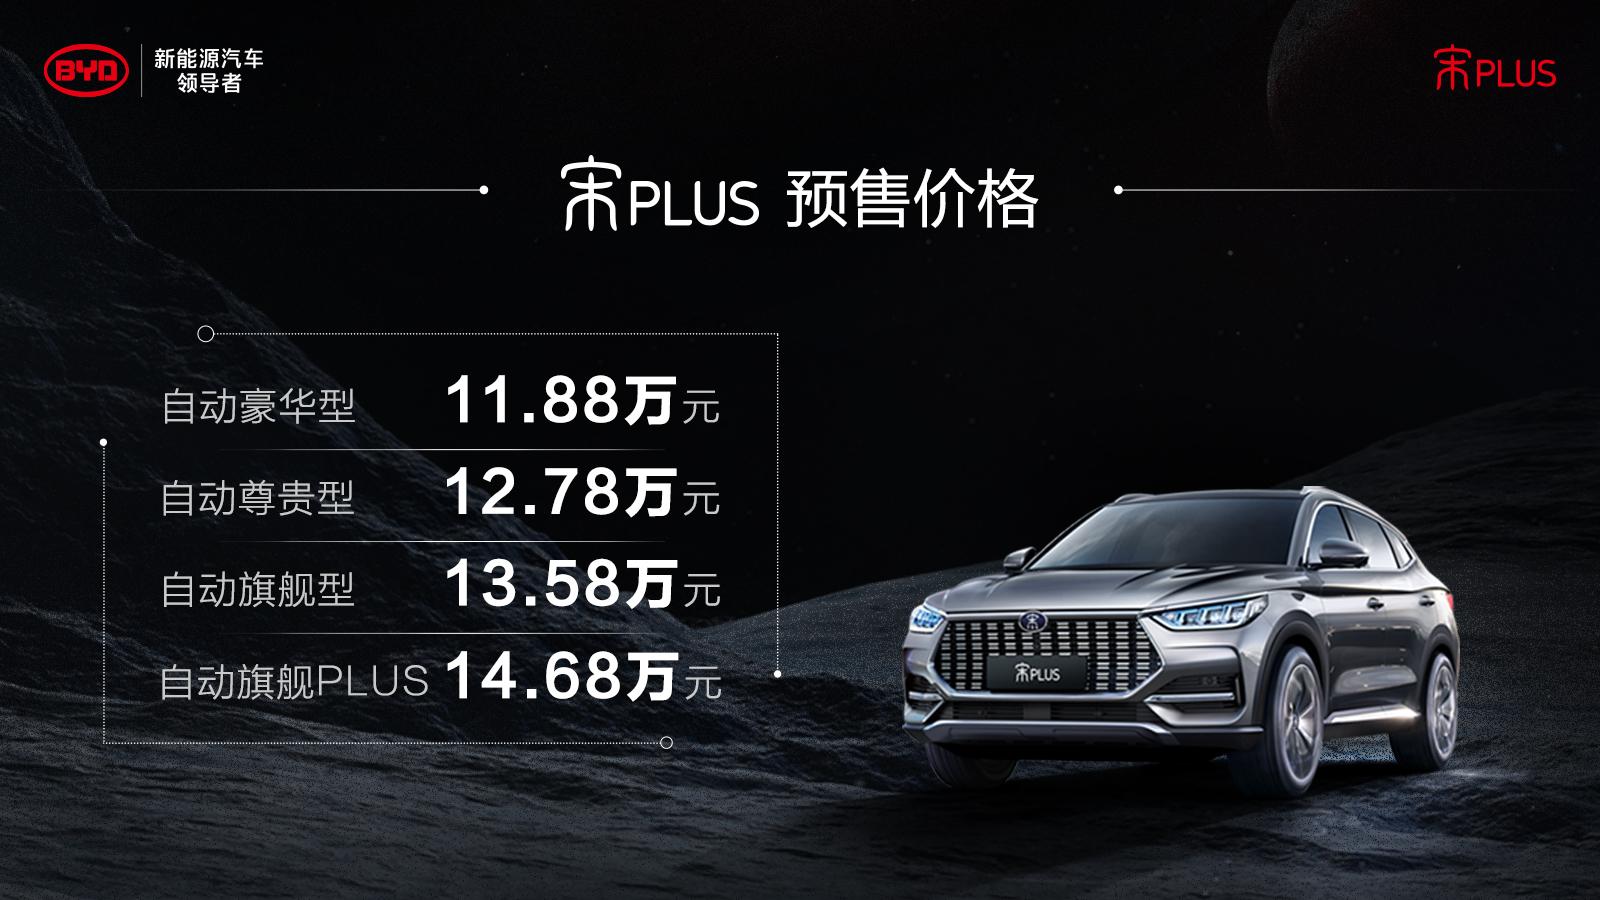 比亚迪宋PLUS正式开启预售,预售价11.88万元——14.68万元